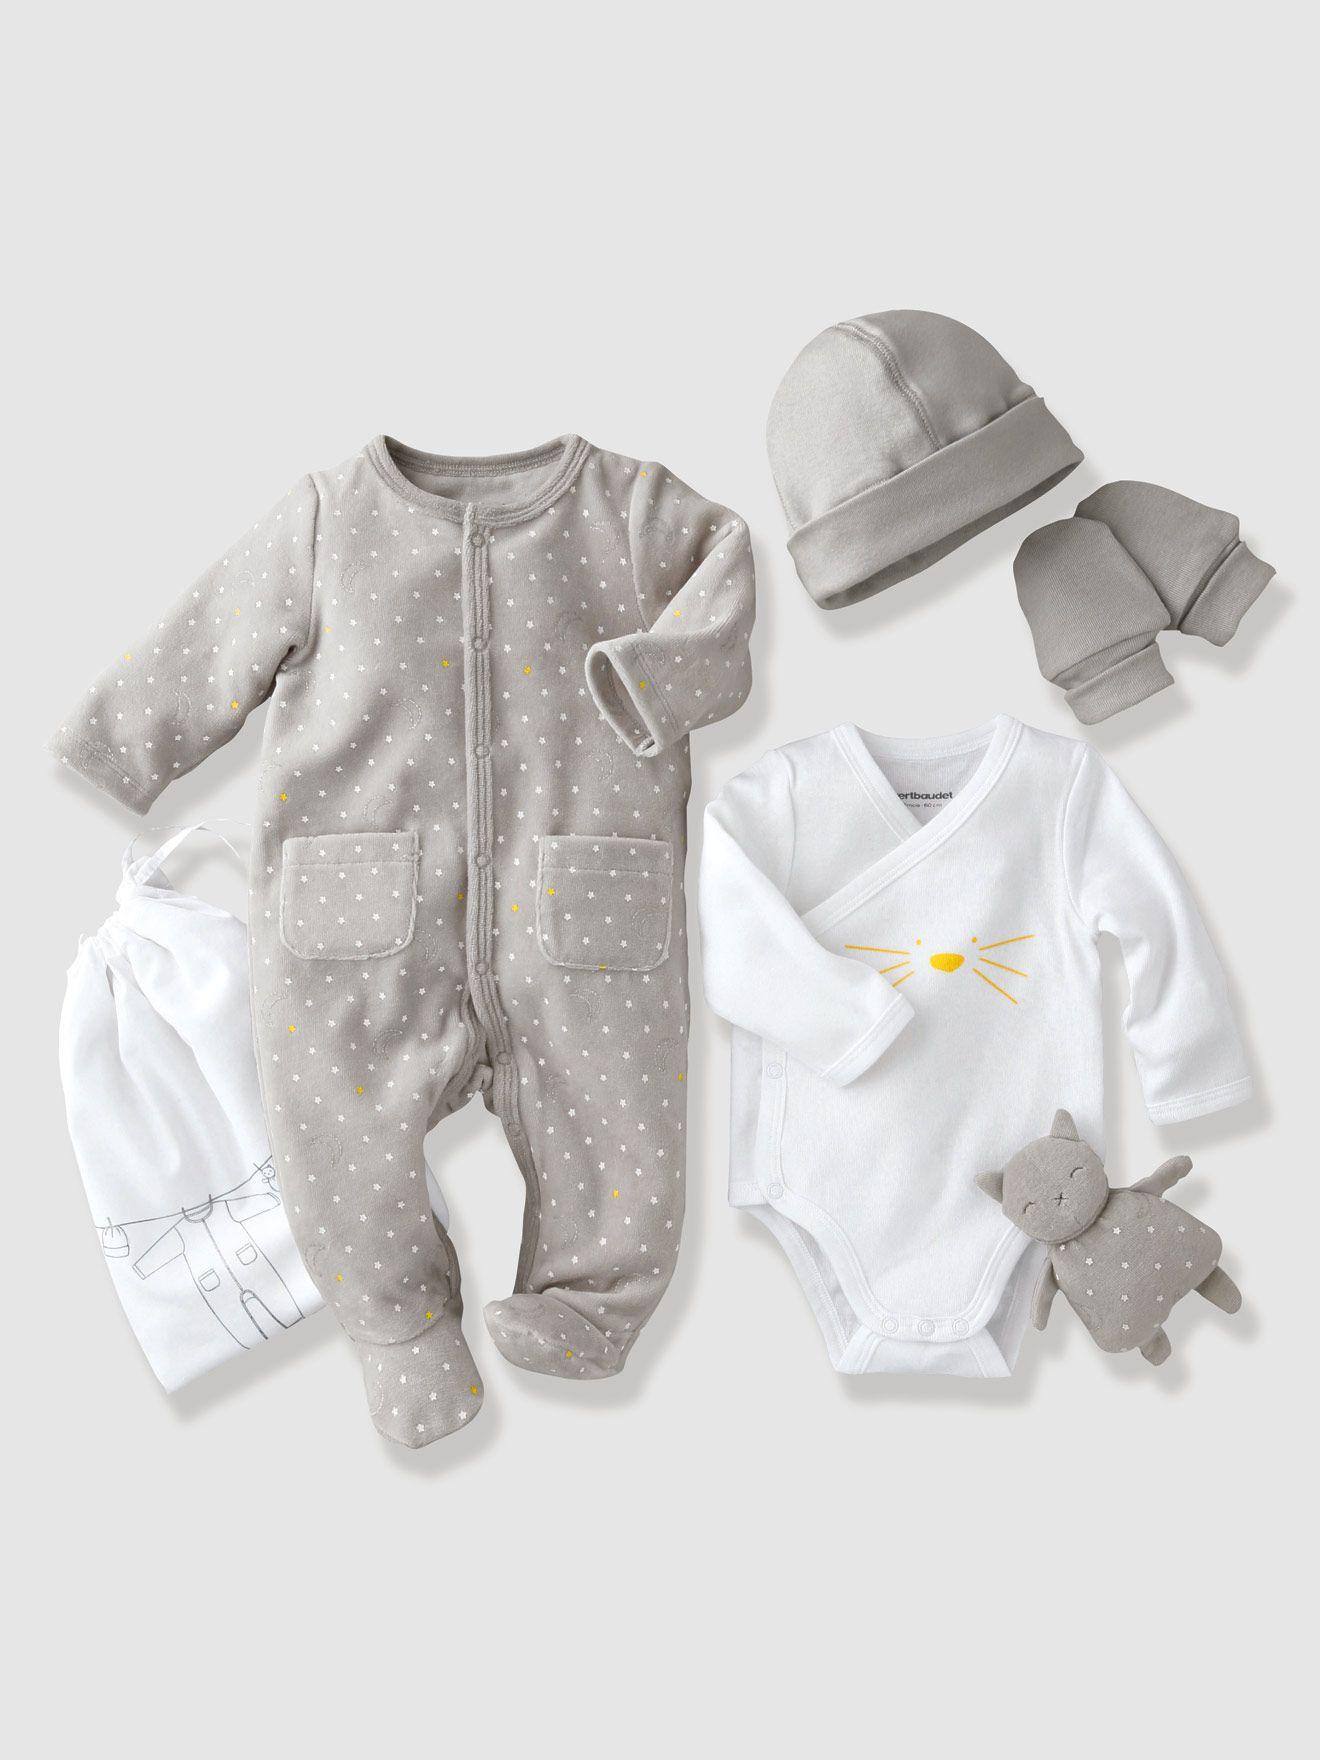 5 pieces Nouveau bébé baby shower themed Emporte-pièce Set